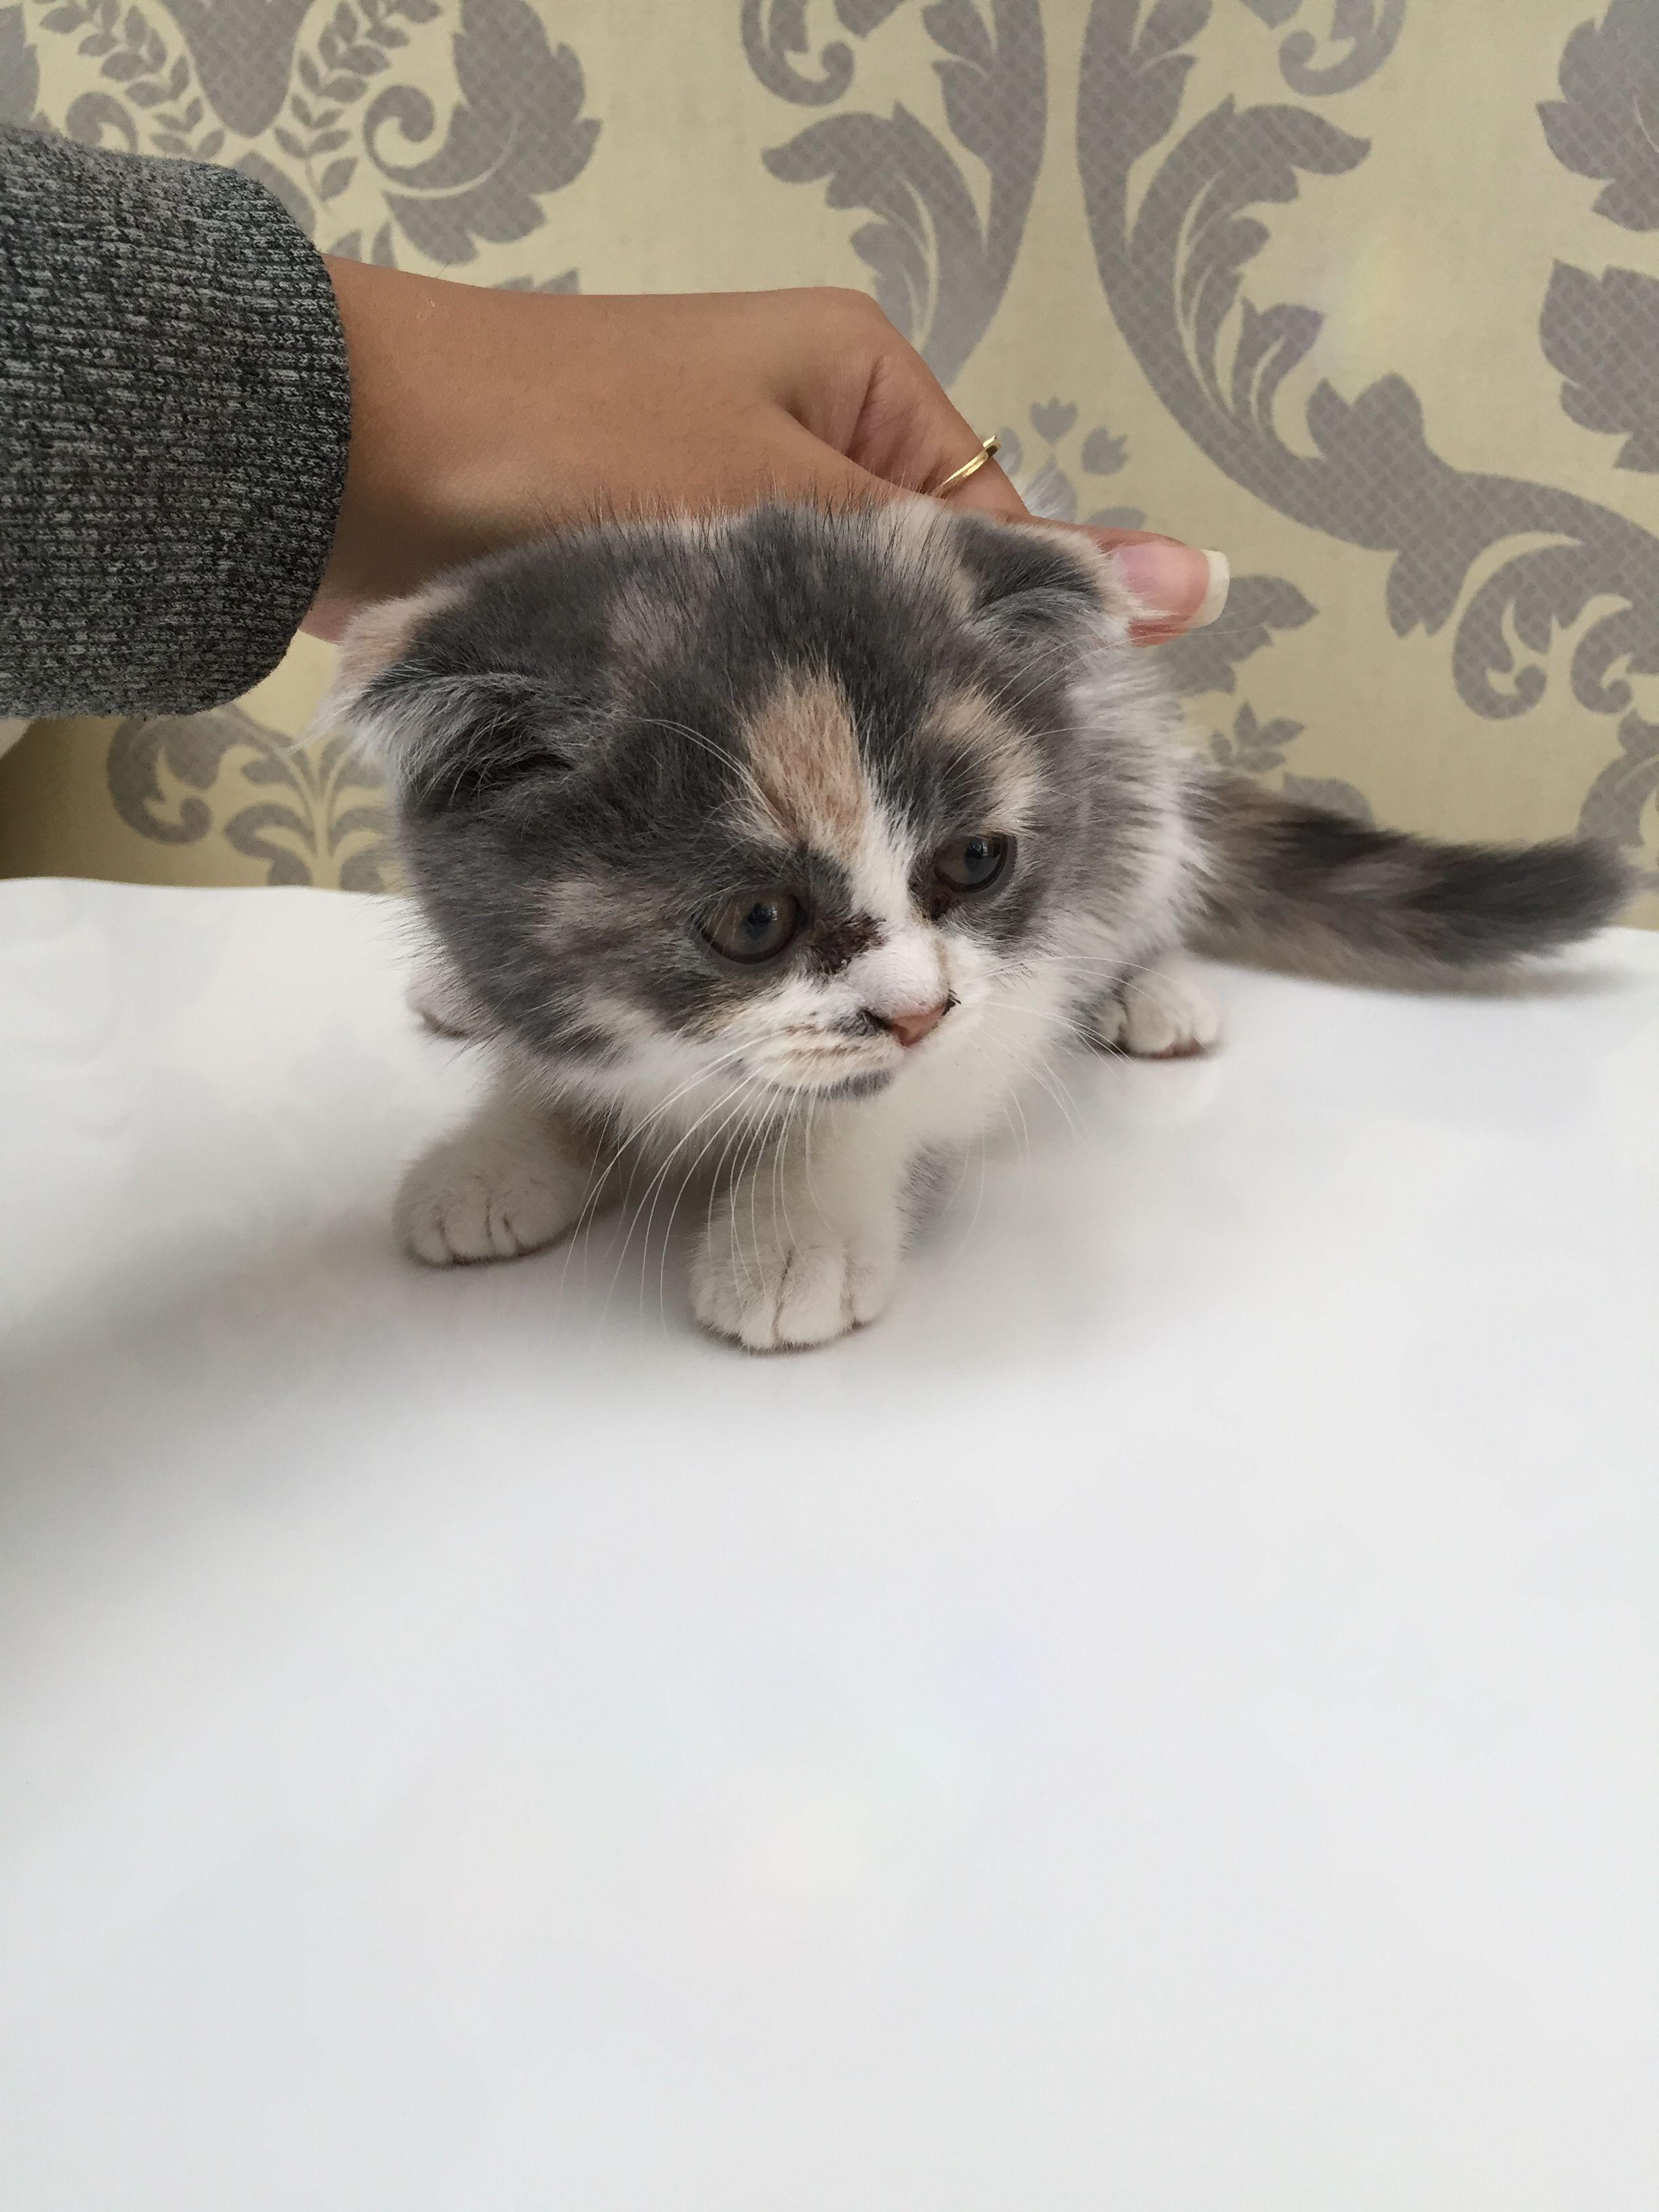 British cat for sale in uae